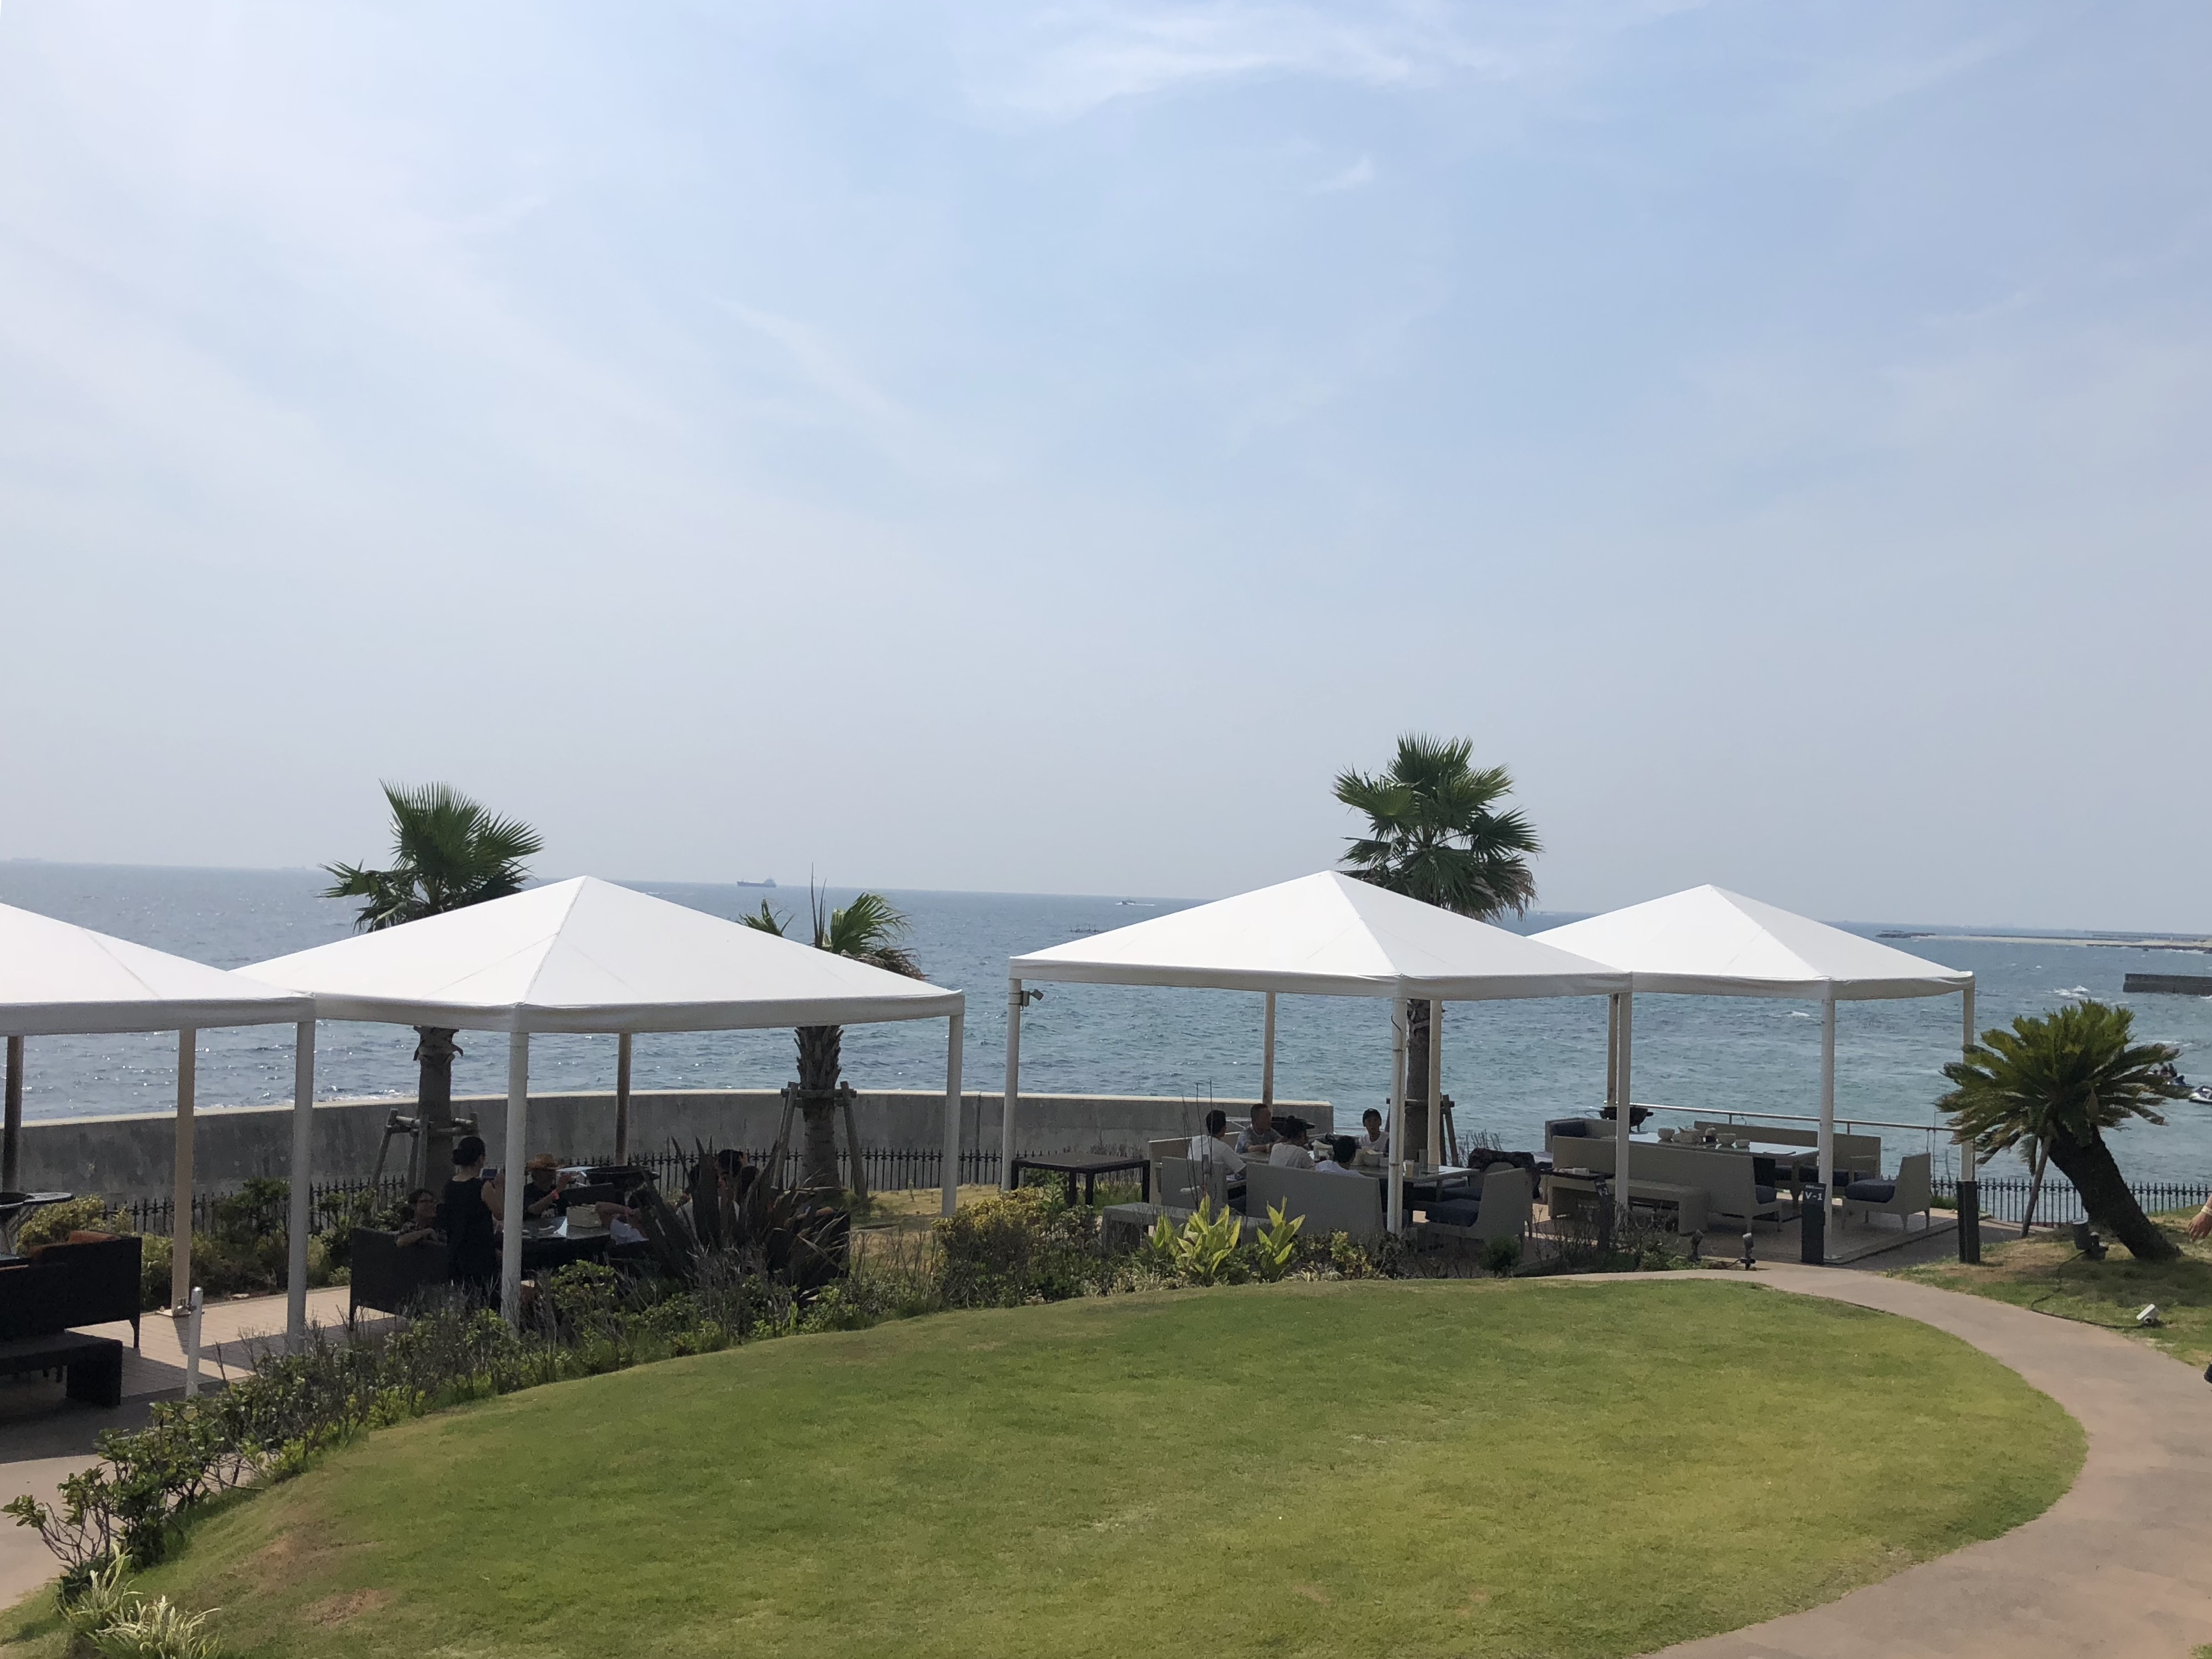 愛知県南知多町で海を眺めながらBBQ女子会∀⌒☆